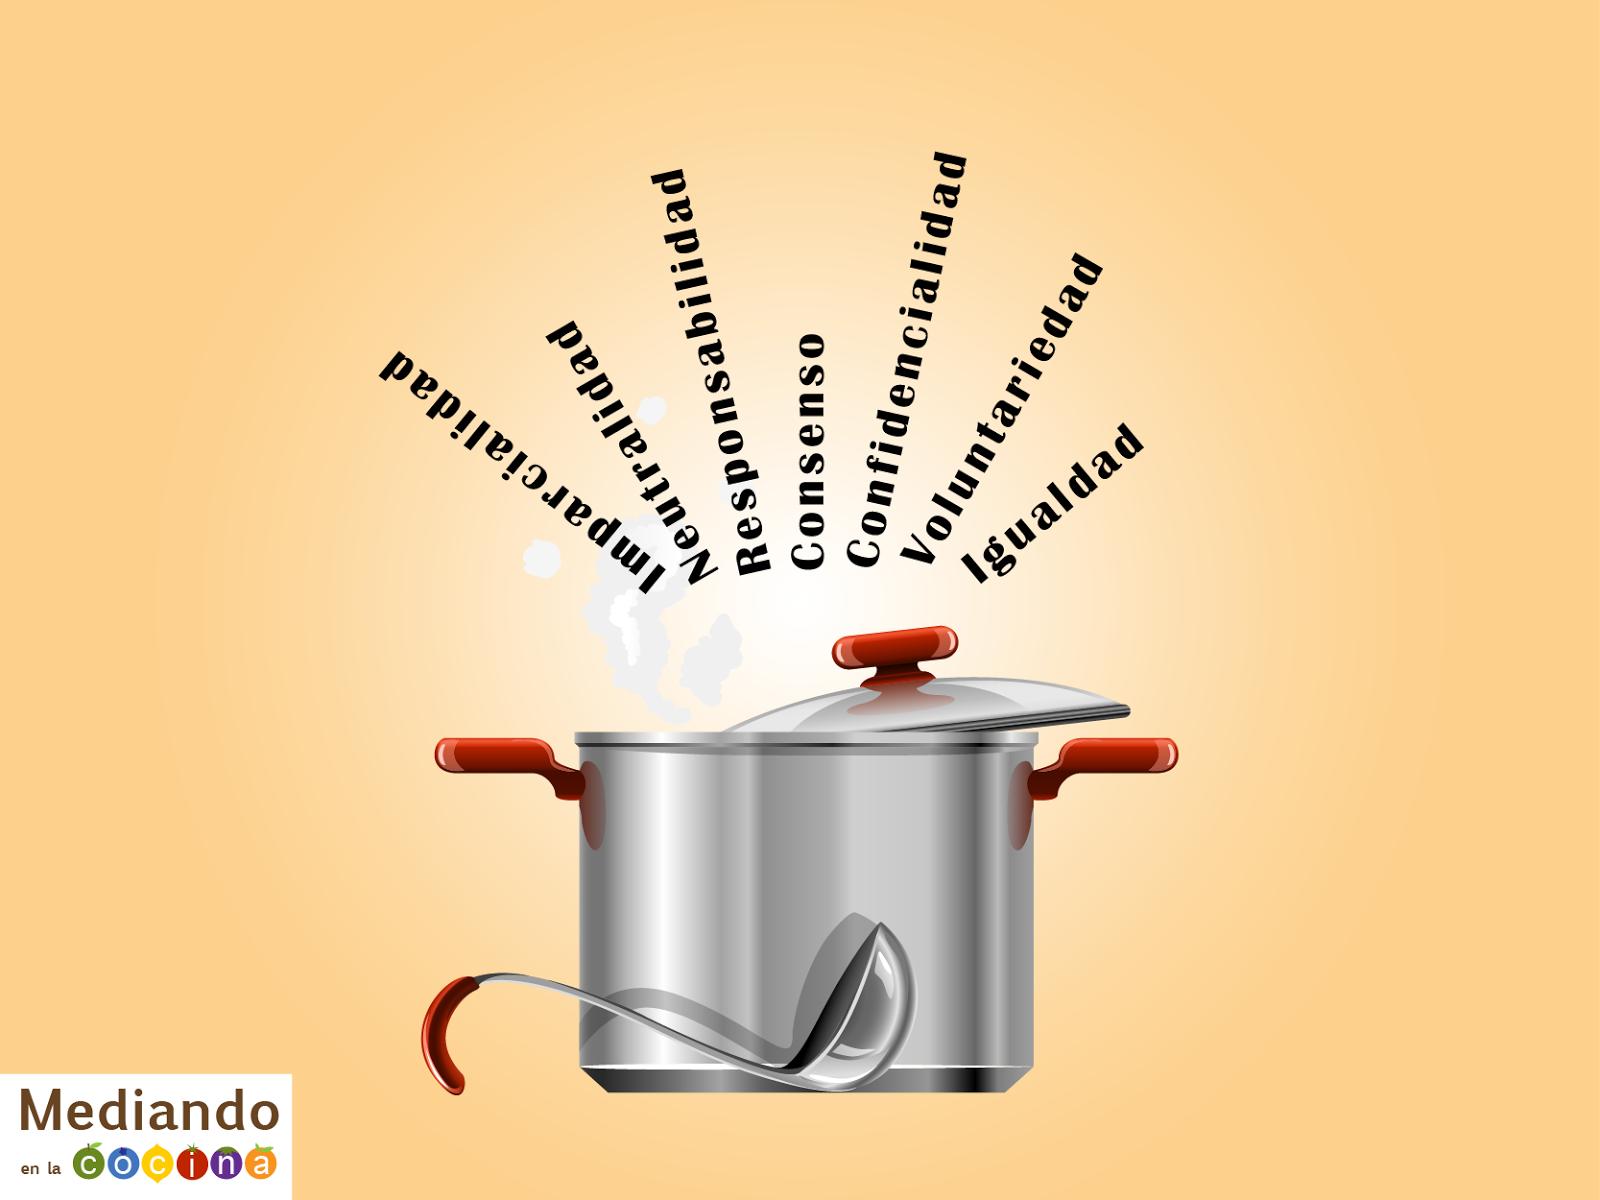 mediando en la cocina